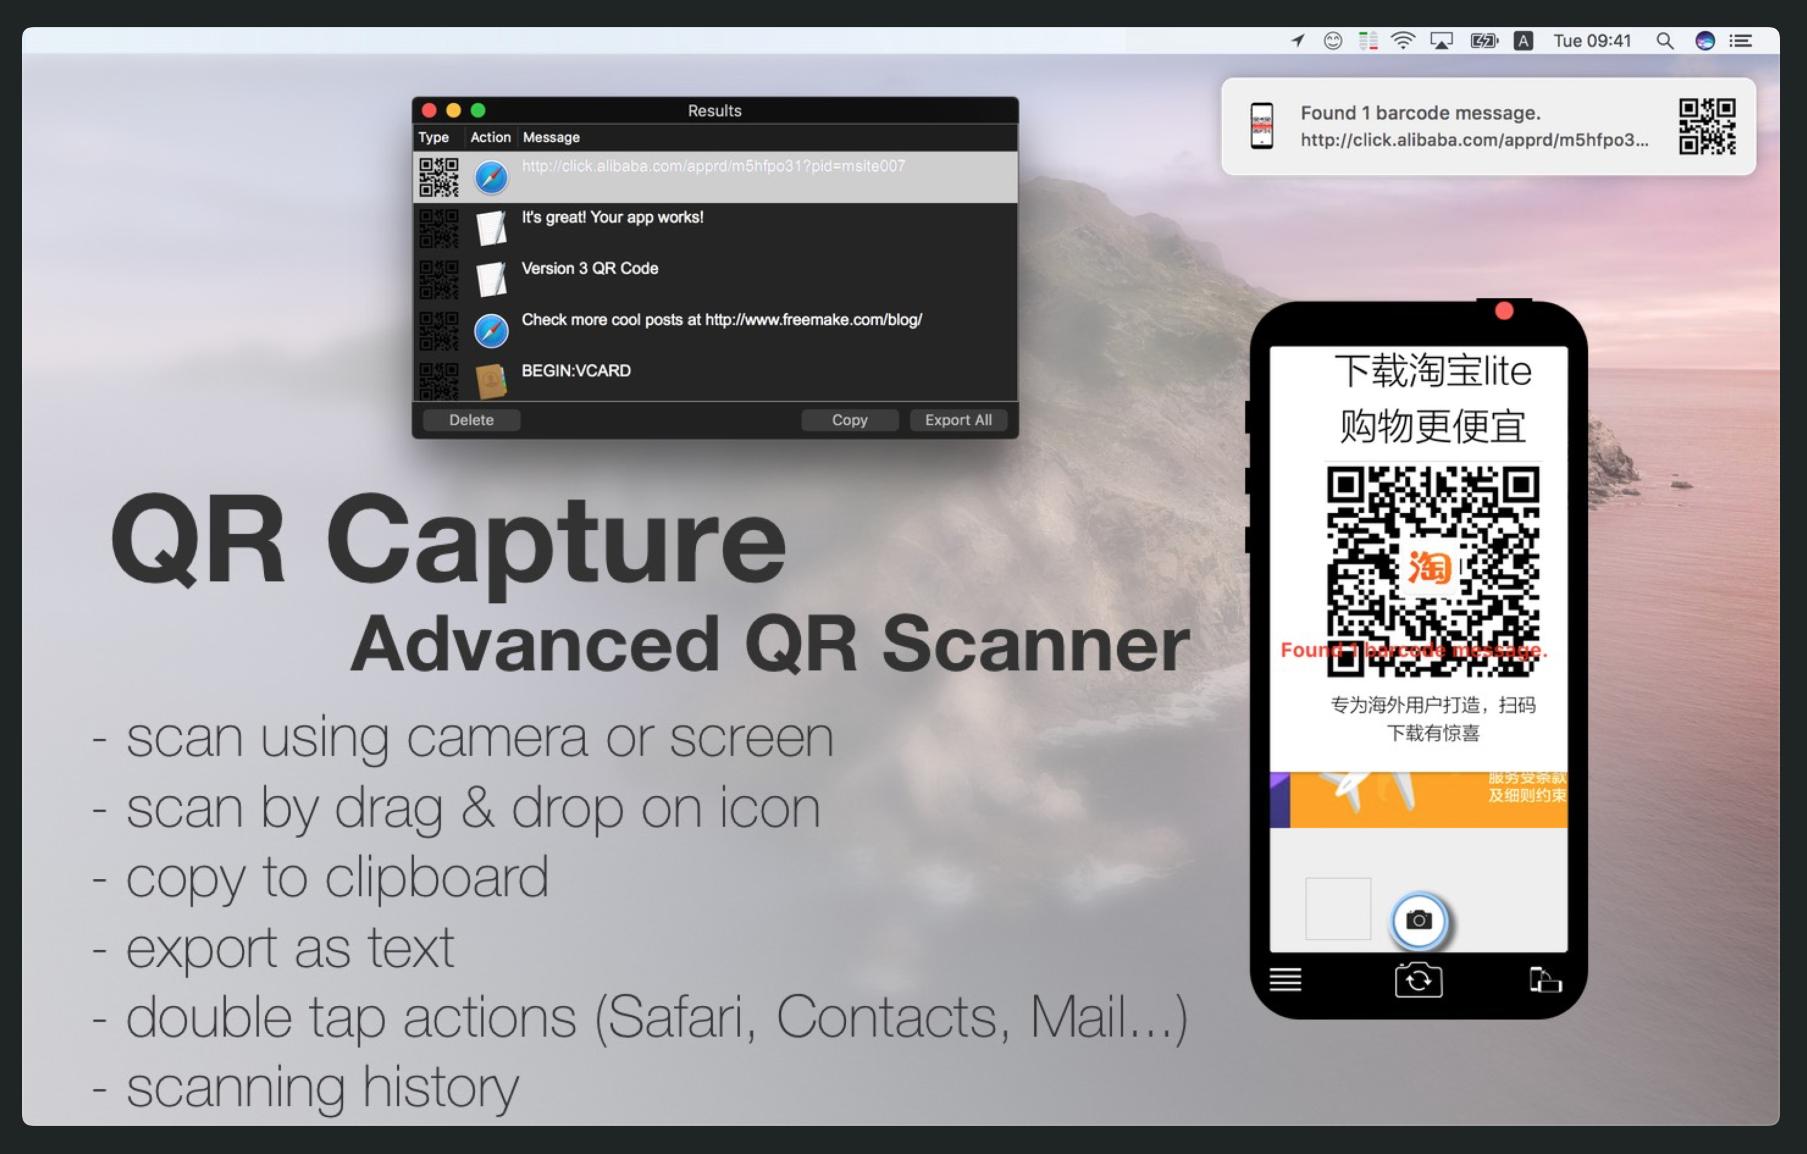 QR Capture features